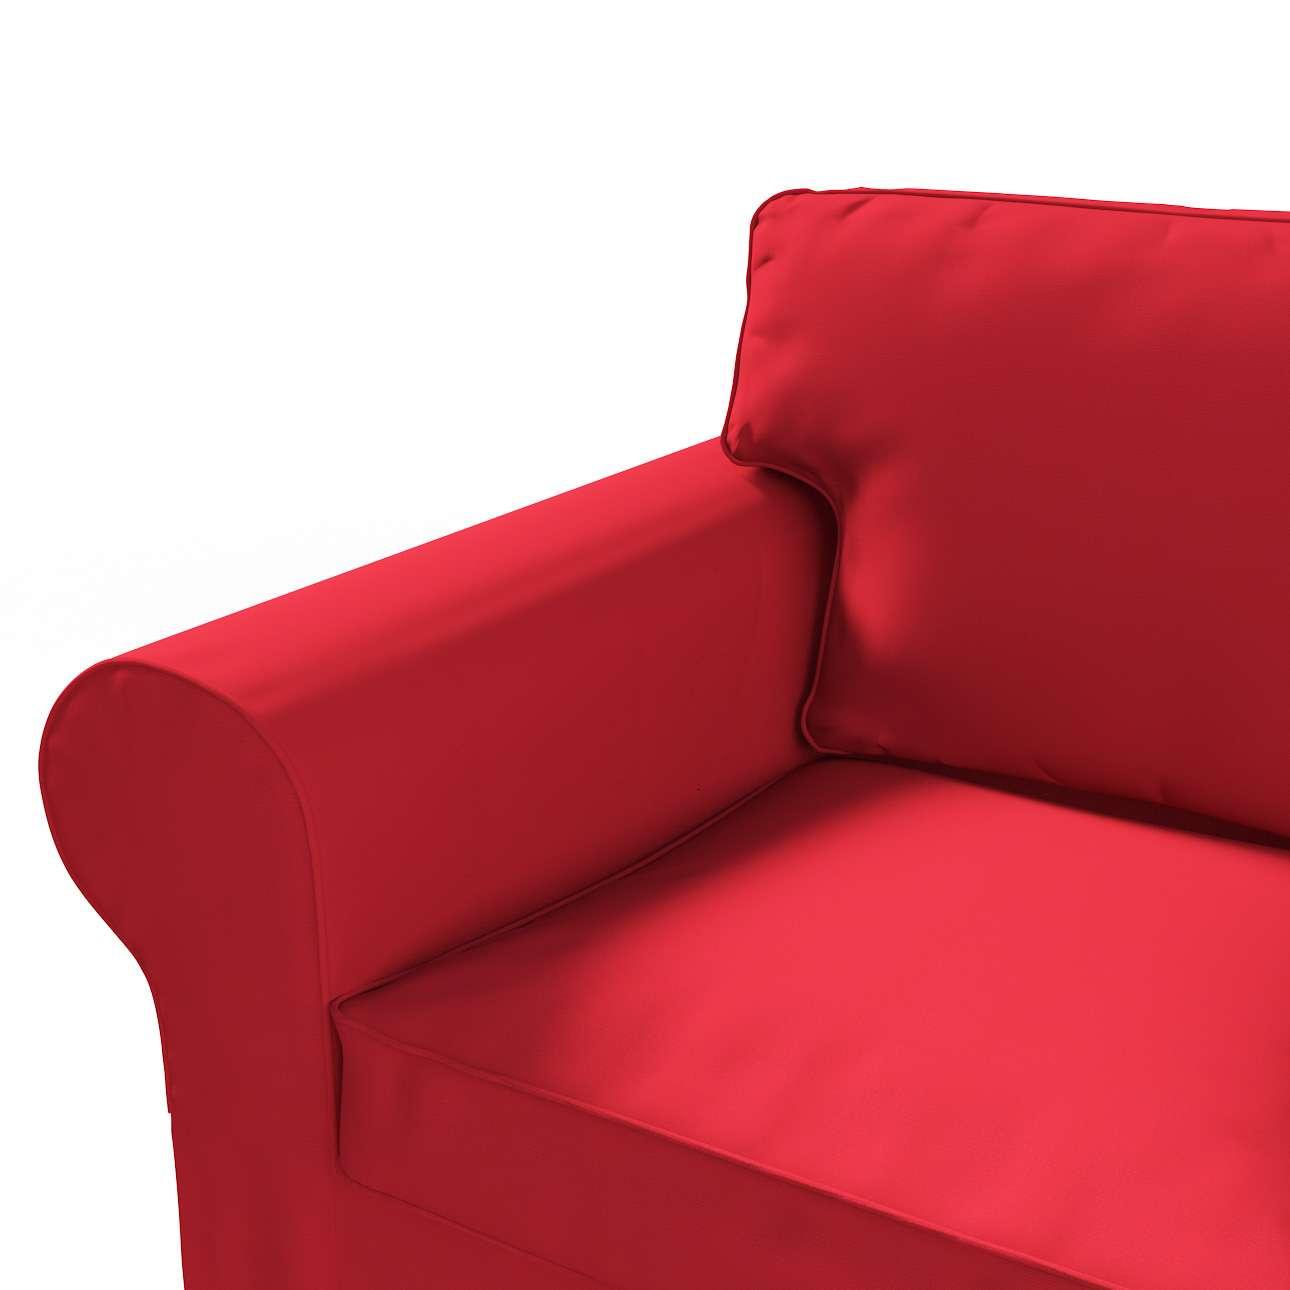 Pokrowiec na sofę Ektorp 2-osobową, nierozkładaną Sofa Ektorp 2-osobowa w kolekcji Cotton Panama, tkanina: 702-04